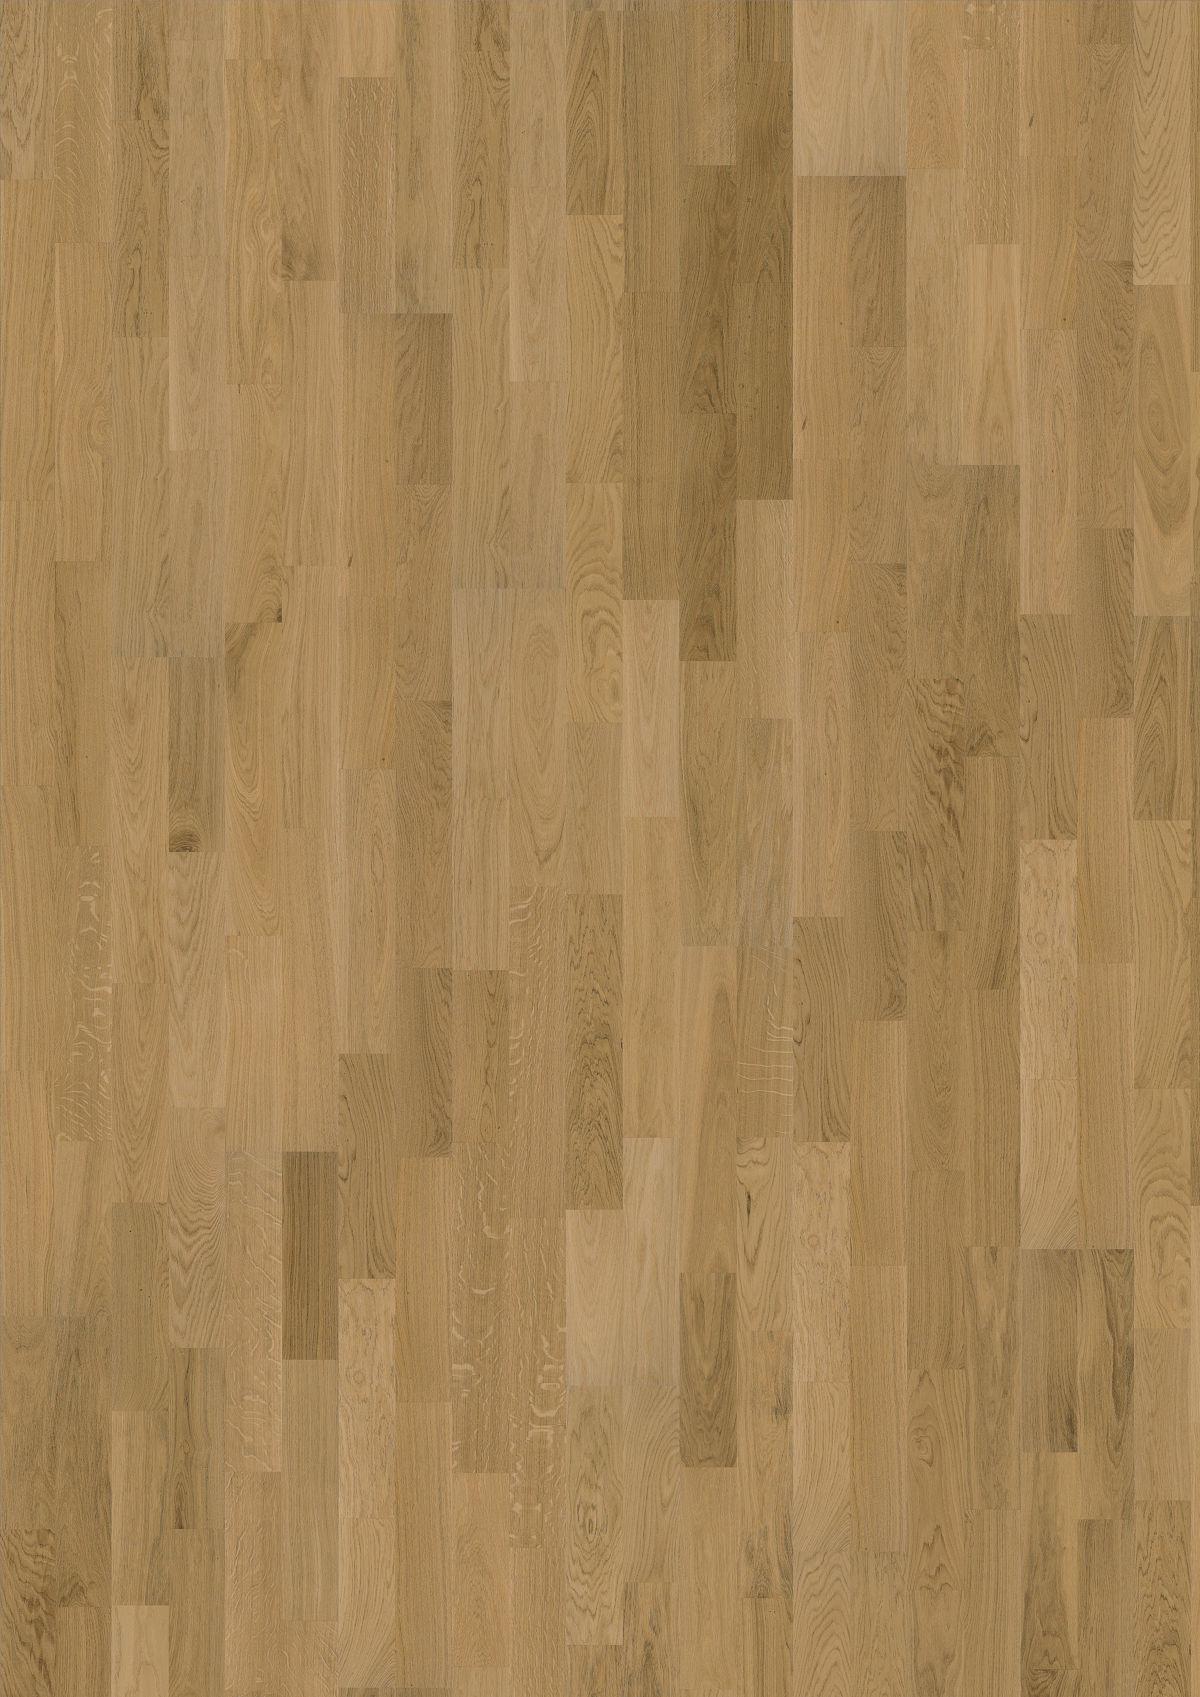 Kahrs oak verona engineered wood flooring for Kahrs hardwood flooring